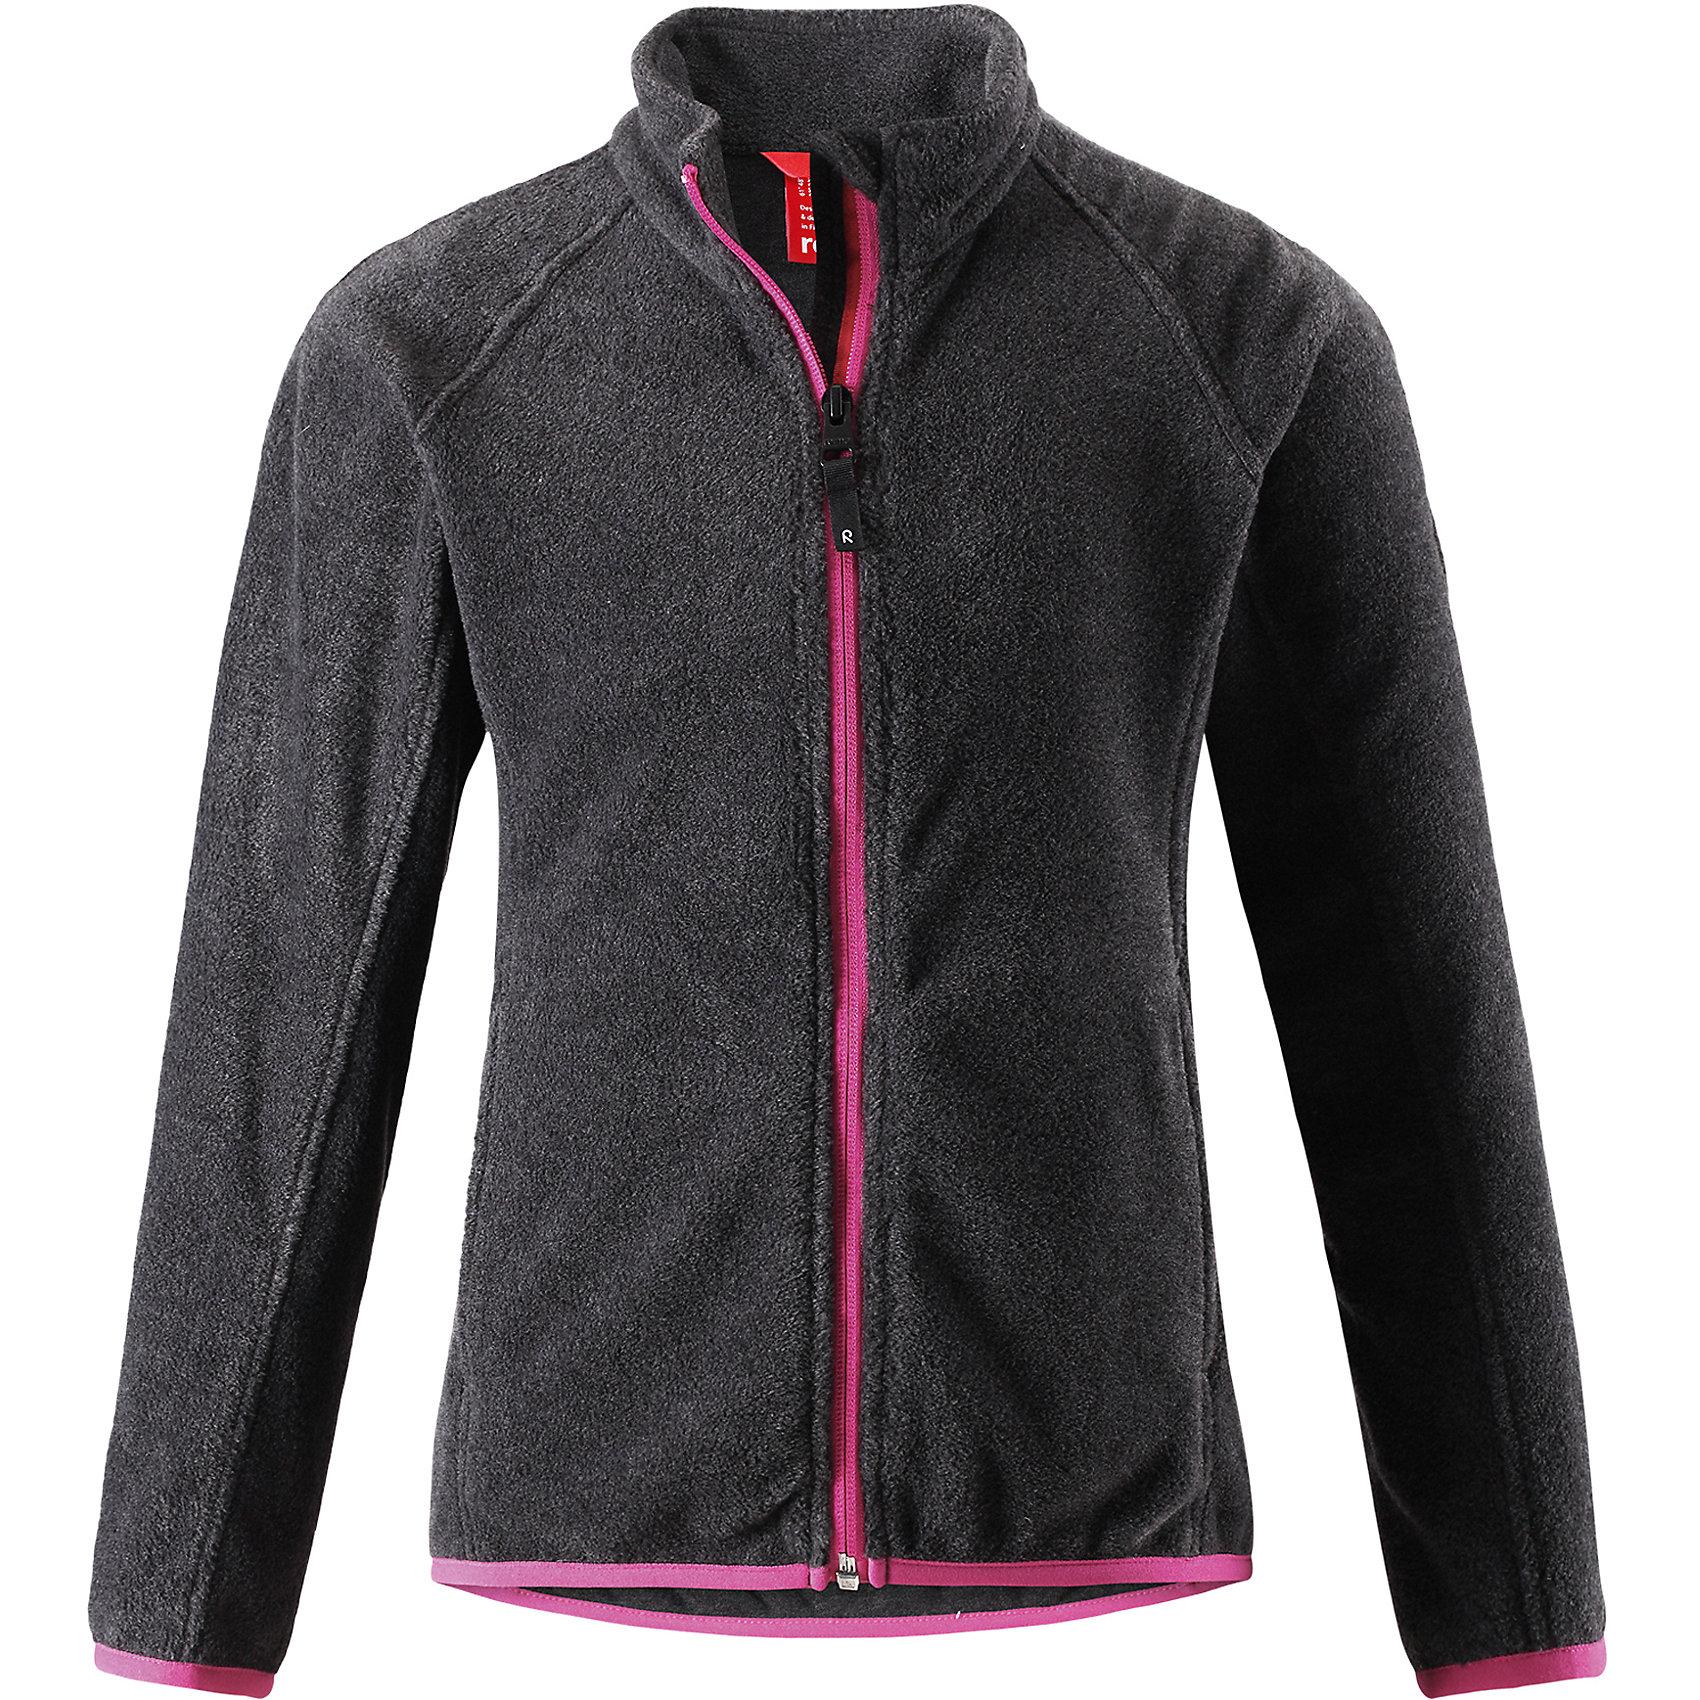 Флисовая кофта Reima Alagna для девочкиФлис и термобелье<br>Характеристики товара:<br><br>• цвет: черный;<br>• состав: 100% полиэстер; <br>• сезон: демисезон;<br>• выводит влагу в верхние слои одежды;<br>• теплый, легкий и быстросохнущий флис;<br>• эластичные манжеты и подол;<br>• молния по всей длине с защитой подбородка;<br>• два кармана на молнии;<br>• страна бренда: Финляндия;<br>• страна изготовитель: Китай;<br><br>Эта детская флисовая куртка сшита из необыкновенно легкого и теплого микрофлиса. Материал идеально подходит для зимних активных забав, поскольку эффективно выводит влагу от кожи в верхние слои одежды и быстро сохнет. Дышащий материал не парит, сколько ни бегай. Защита для подбородка на молнии обеспечивает дополнительный комфорт и не дает поцарапаться об зубчики. Куртка украшена горячим тиснением и снабжена двумя карманами на молнии, а также эластичным подолом и манжетами.<br><br>Флисовую кофту Alagna для девочки Reima (Рейма) можно купить в нашем интернет-магазине.<br><br>Ширина мм: 190<br>Глубина мм: 74<br>Высота мм: 229<br>Вес г: 236<br>Цвет: серый<br>Возраст от месяцев: 156<br>Возраст до месяцев: 168<br>Пол: Женский<br>Возраст: Детский<br>Размер: 164,104,110,116,122,128,134,140,146,152,158<br>SKU: 6906305